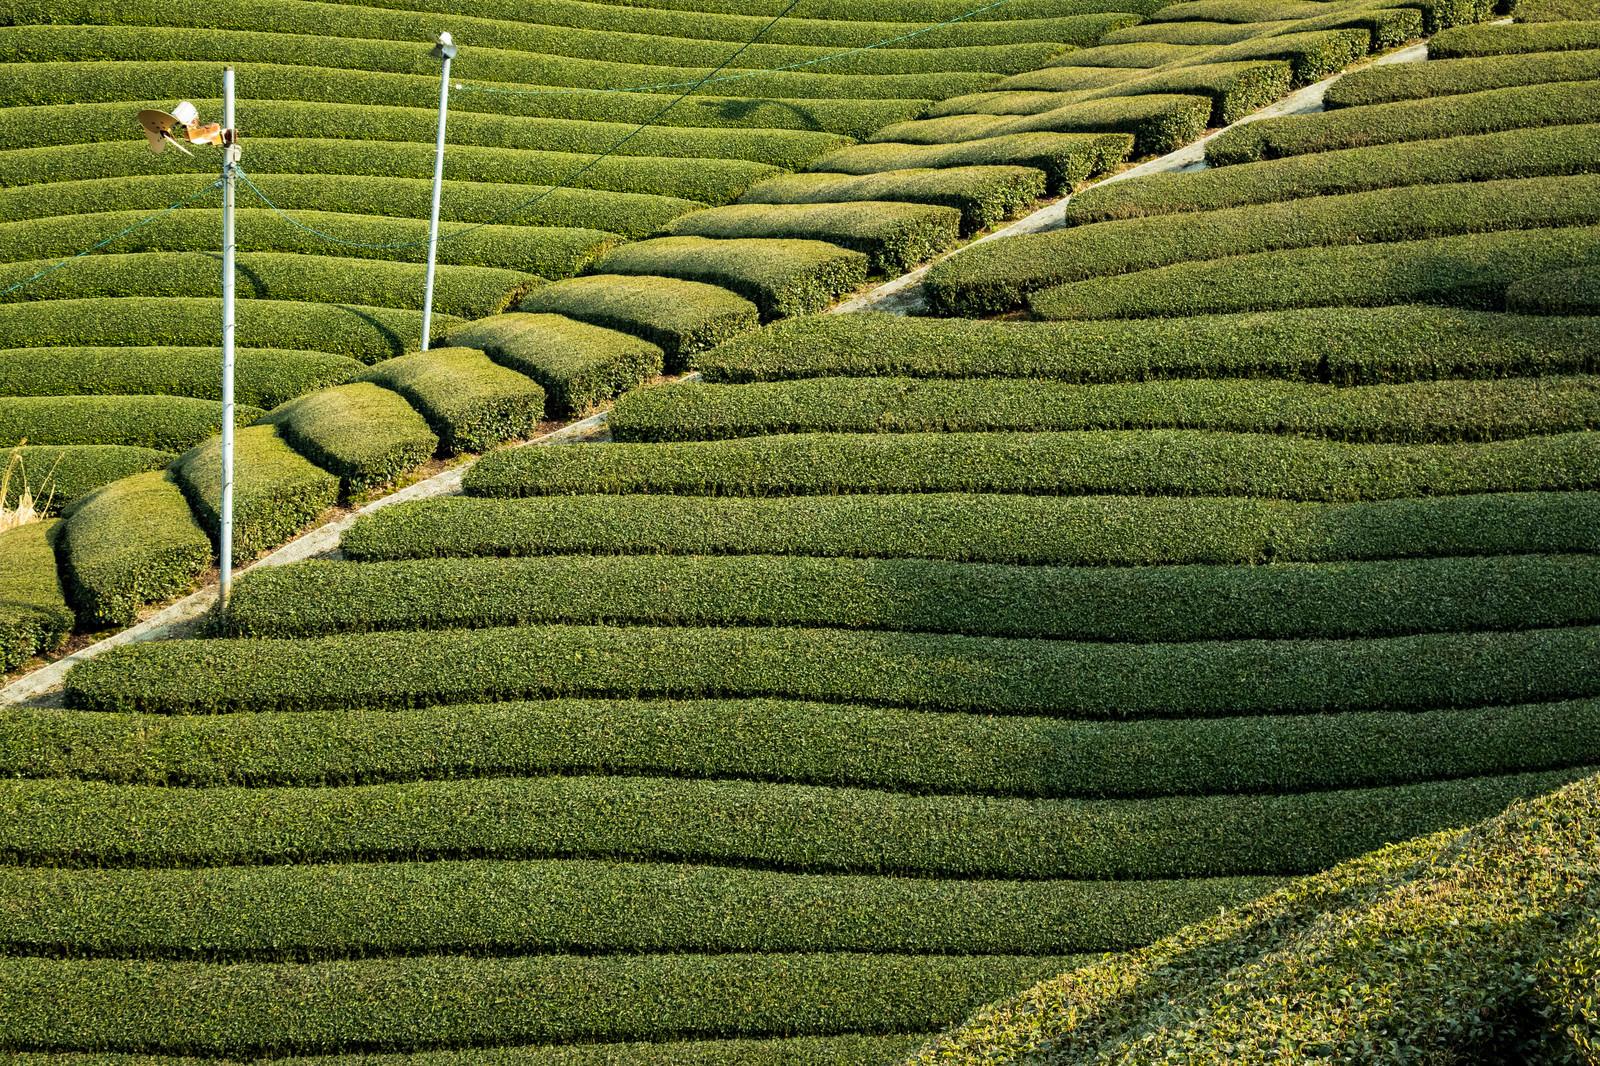 「傾斜に段々と広がる茶源郷傾斜に段々と広がる茶源郷」のフリー写真素材を拡大